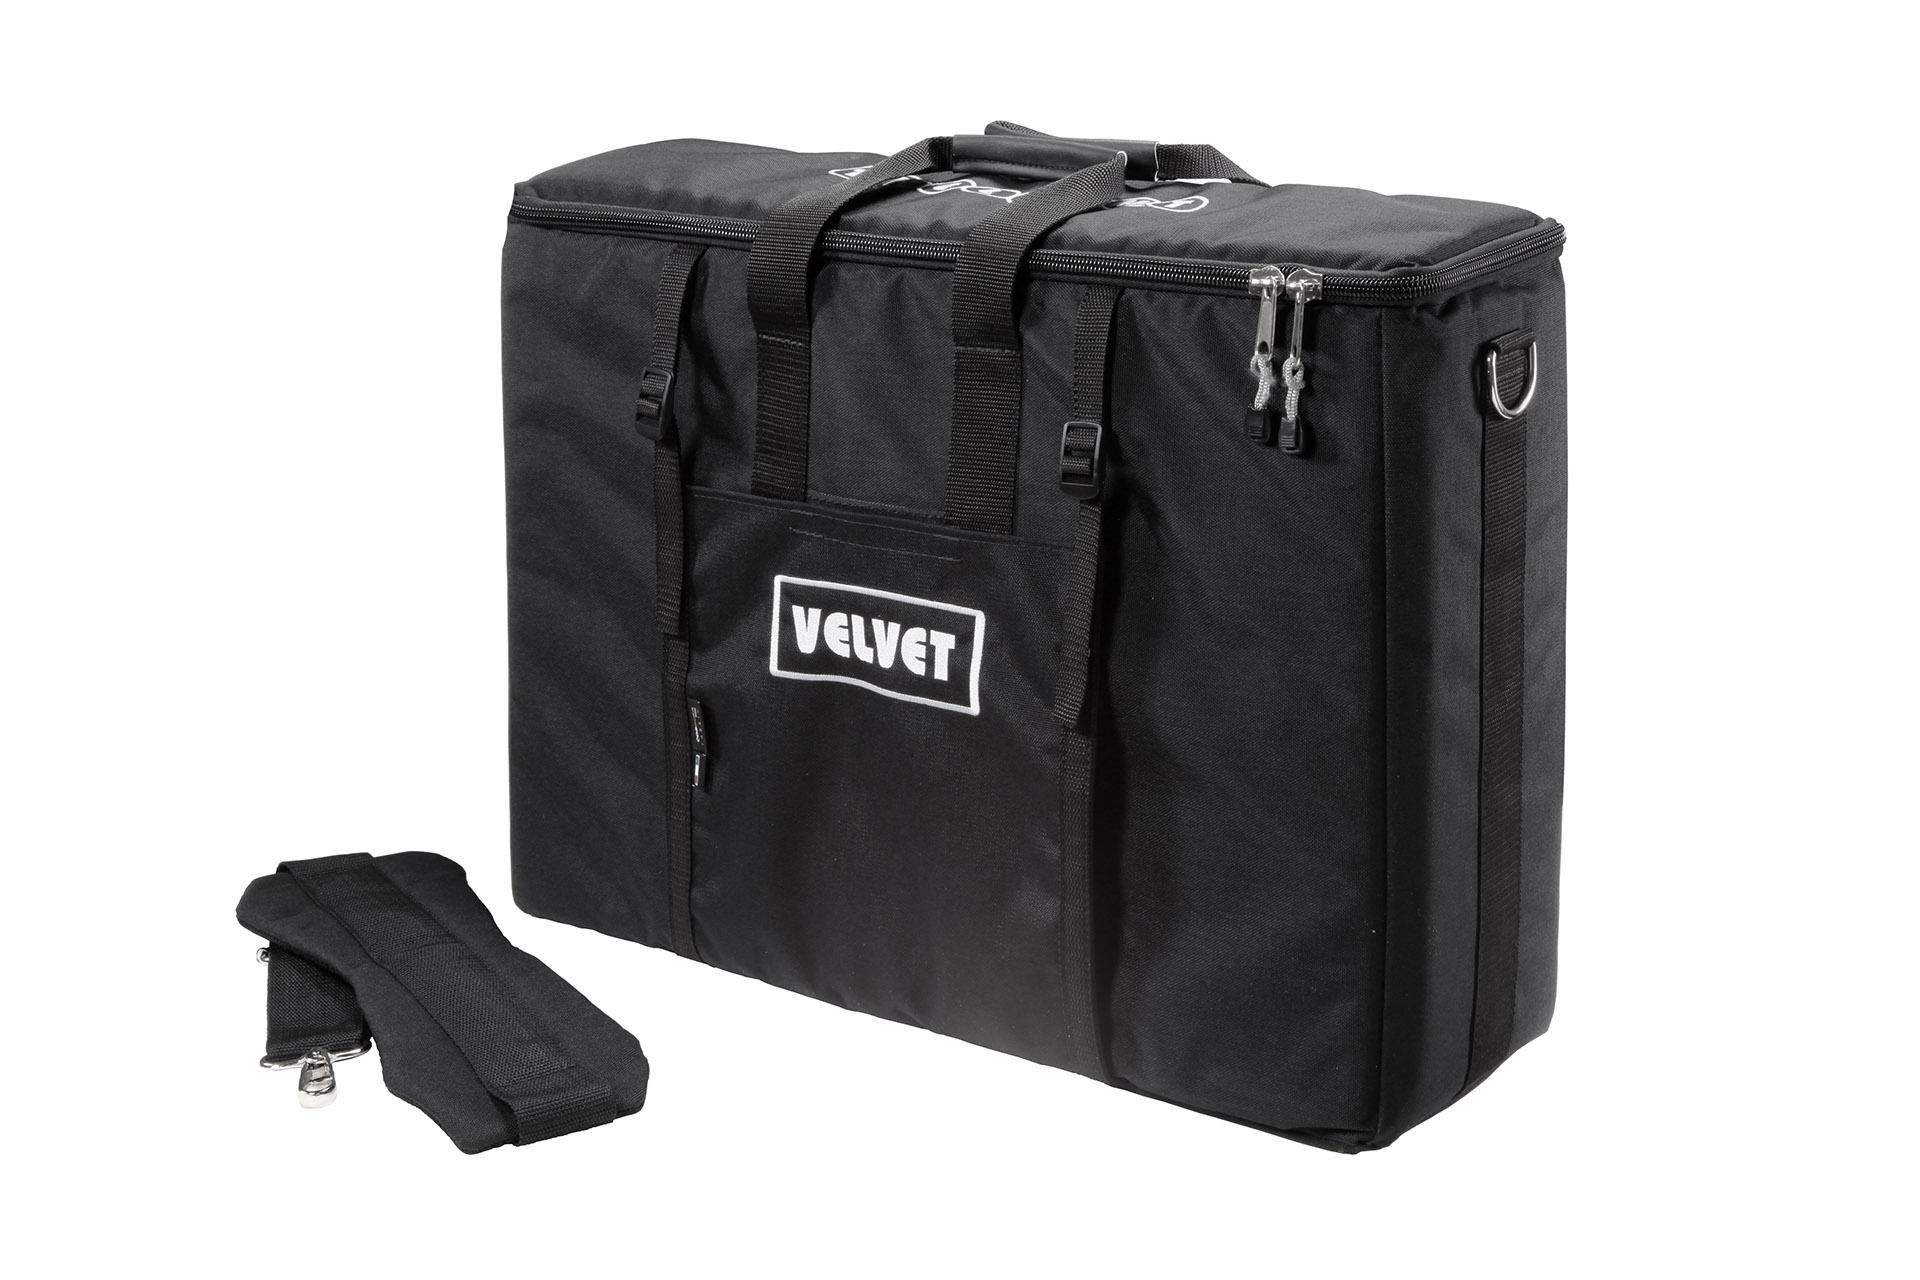 VL1-Bag VELVET 1 soft bag